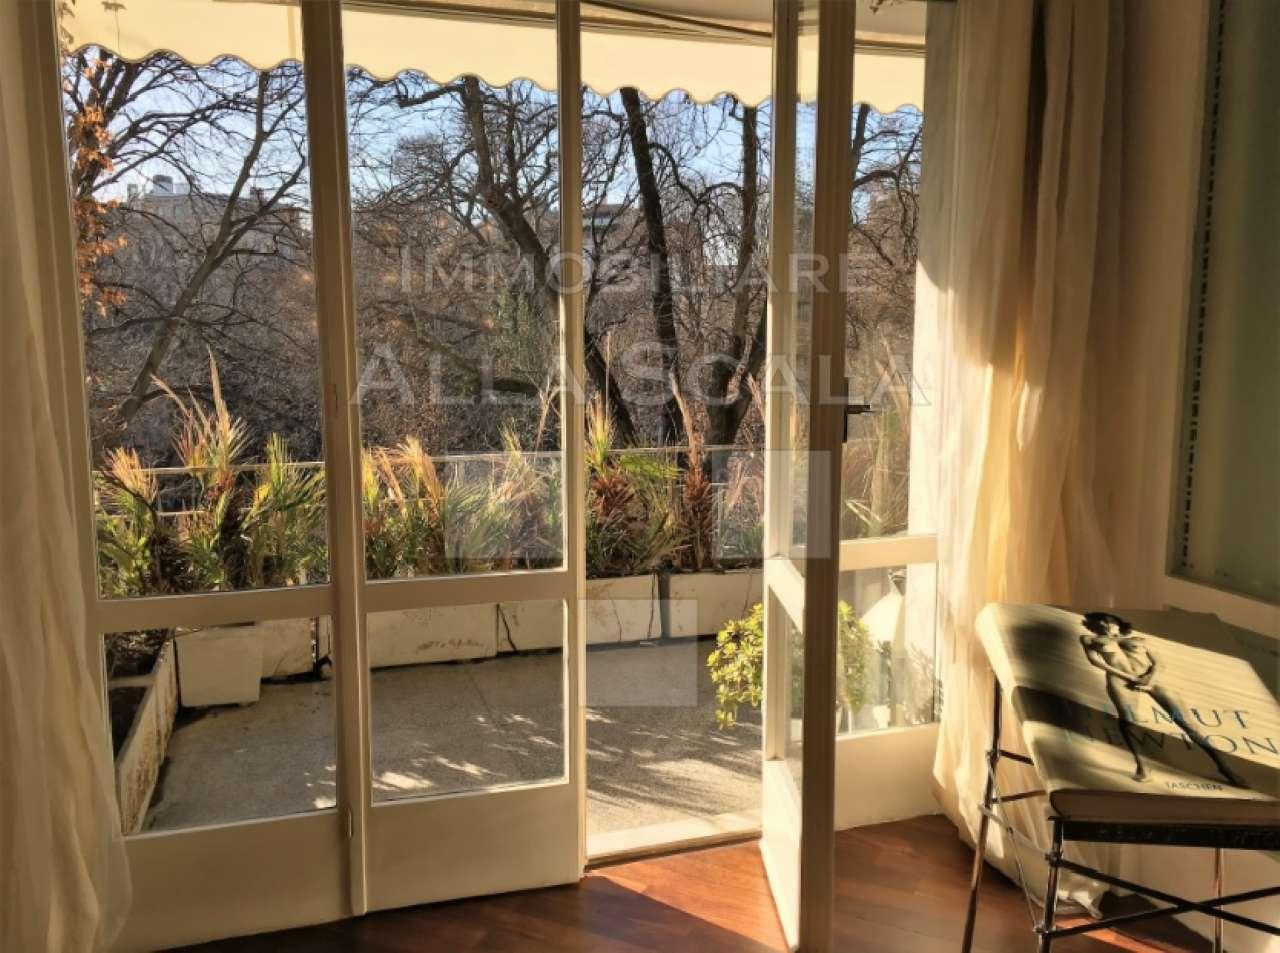 Appartamento in affitto a milano via dell 39 annunciata for Appartamento design affitto milano